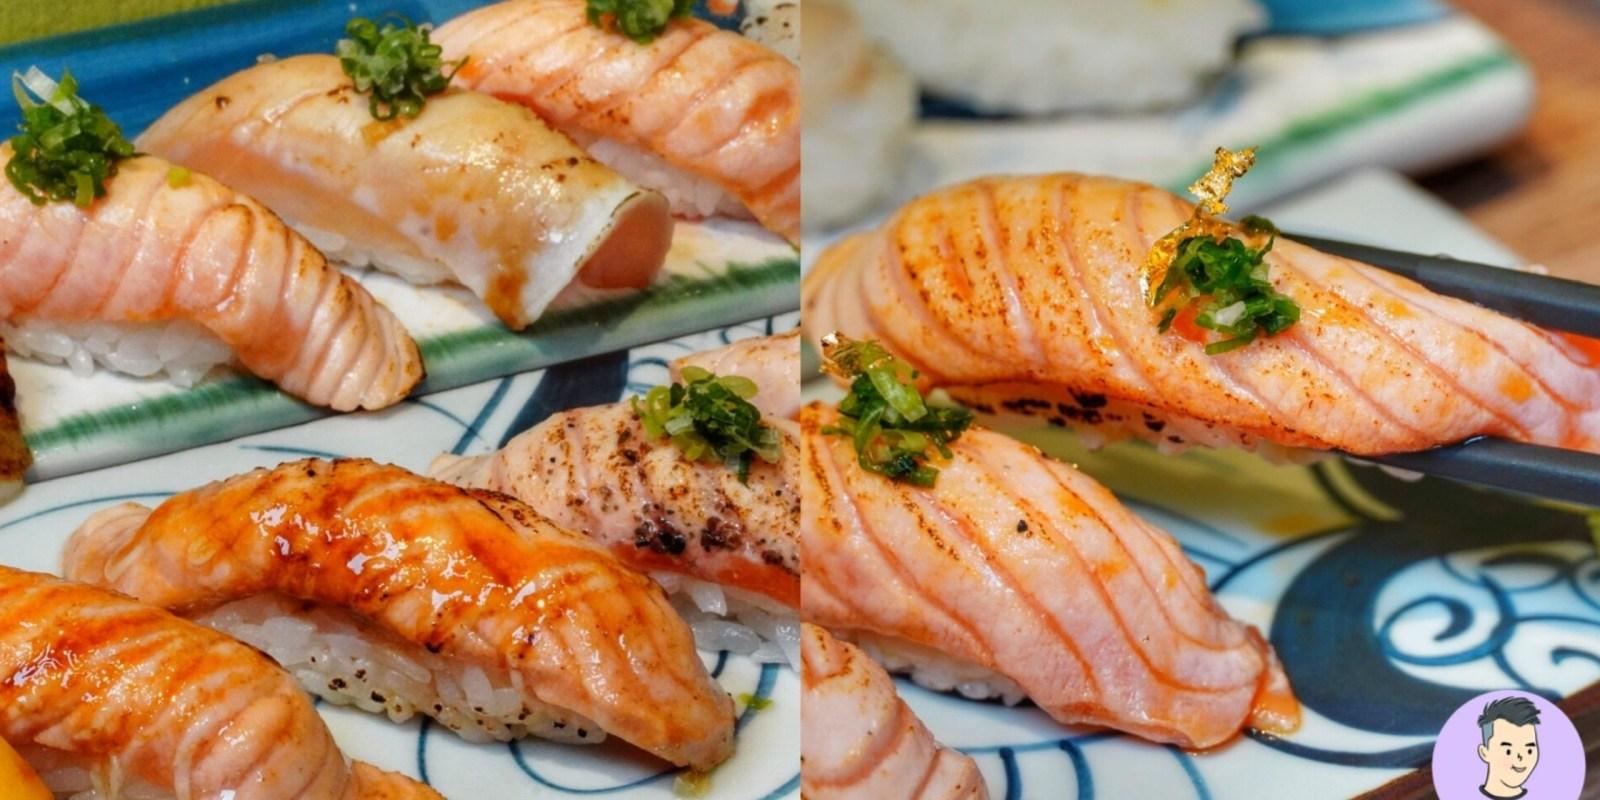 【台南美食】金箔炙燒鮭魚很厲害「立鶴小春日和」新美街隱藏版壽司店!鮭魚肥嫩大貫